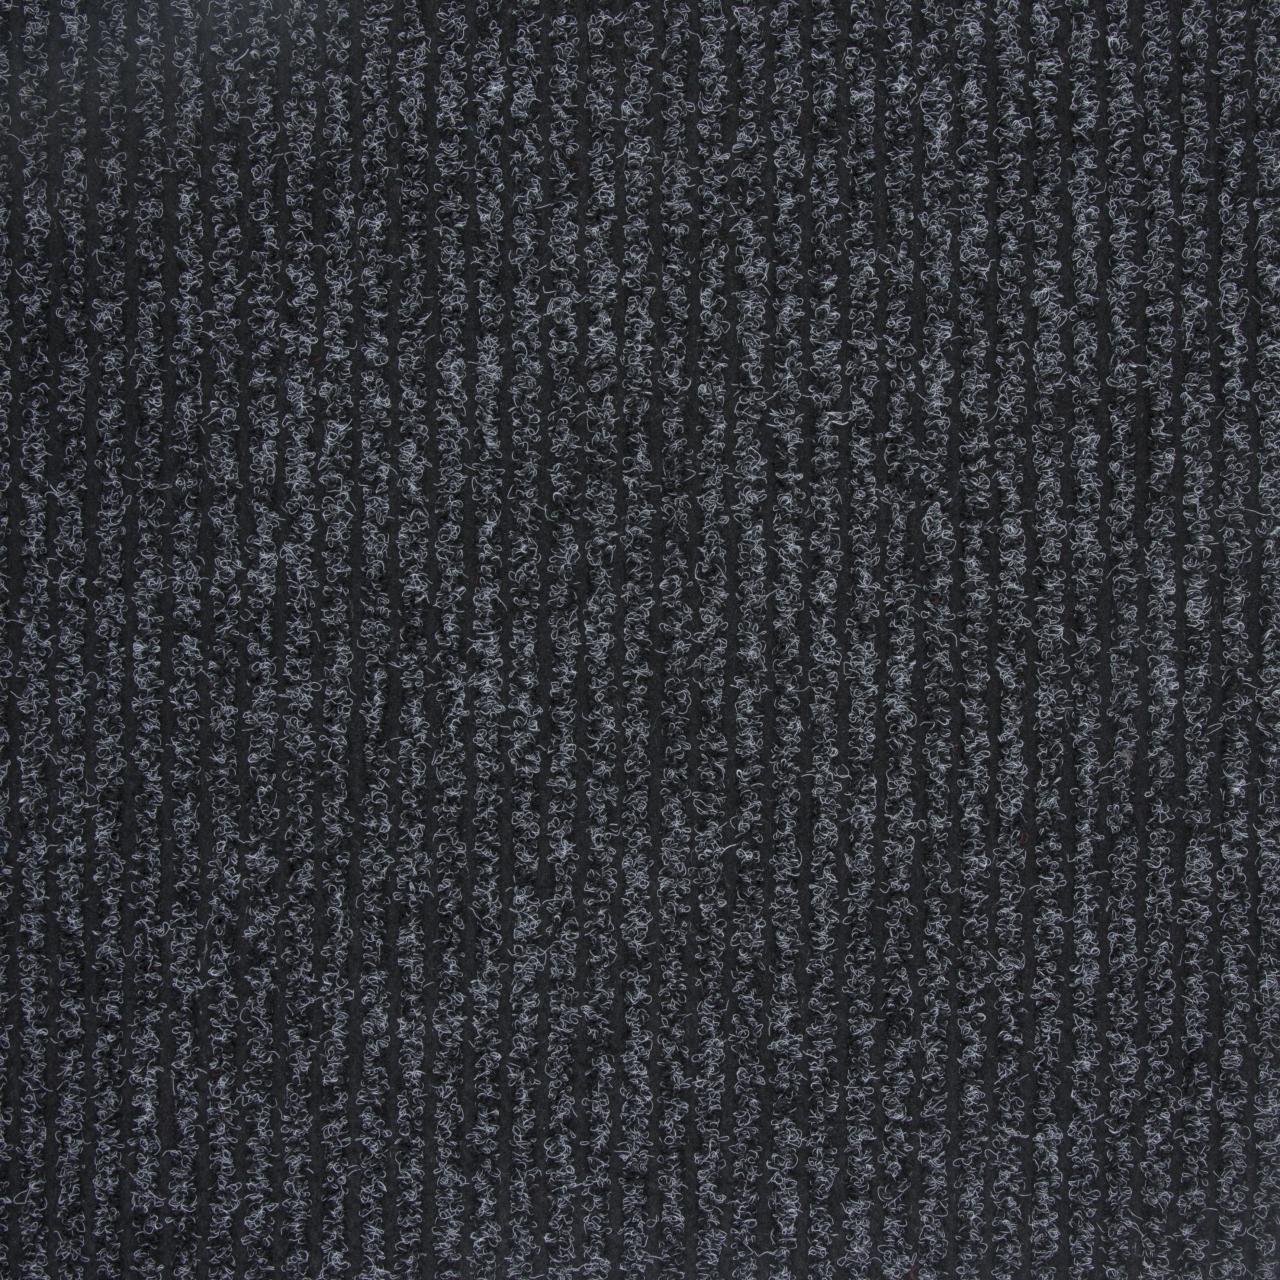 Ковровая дорожка 2082 - ANTHRACITE - коллекция ANTWERPEN